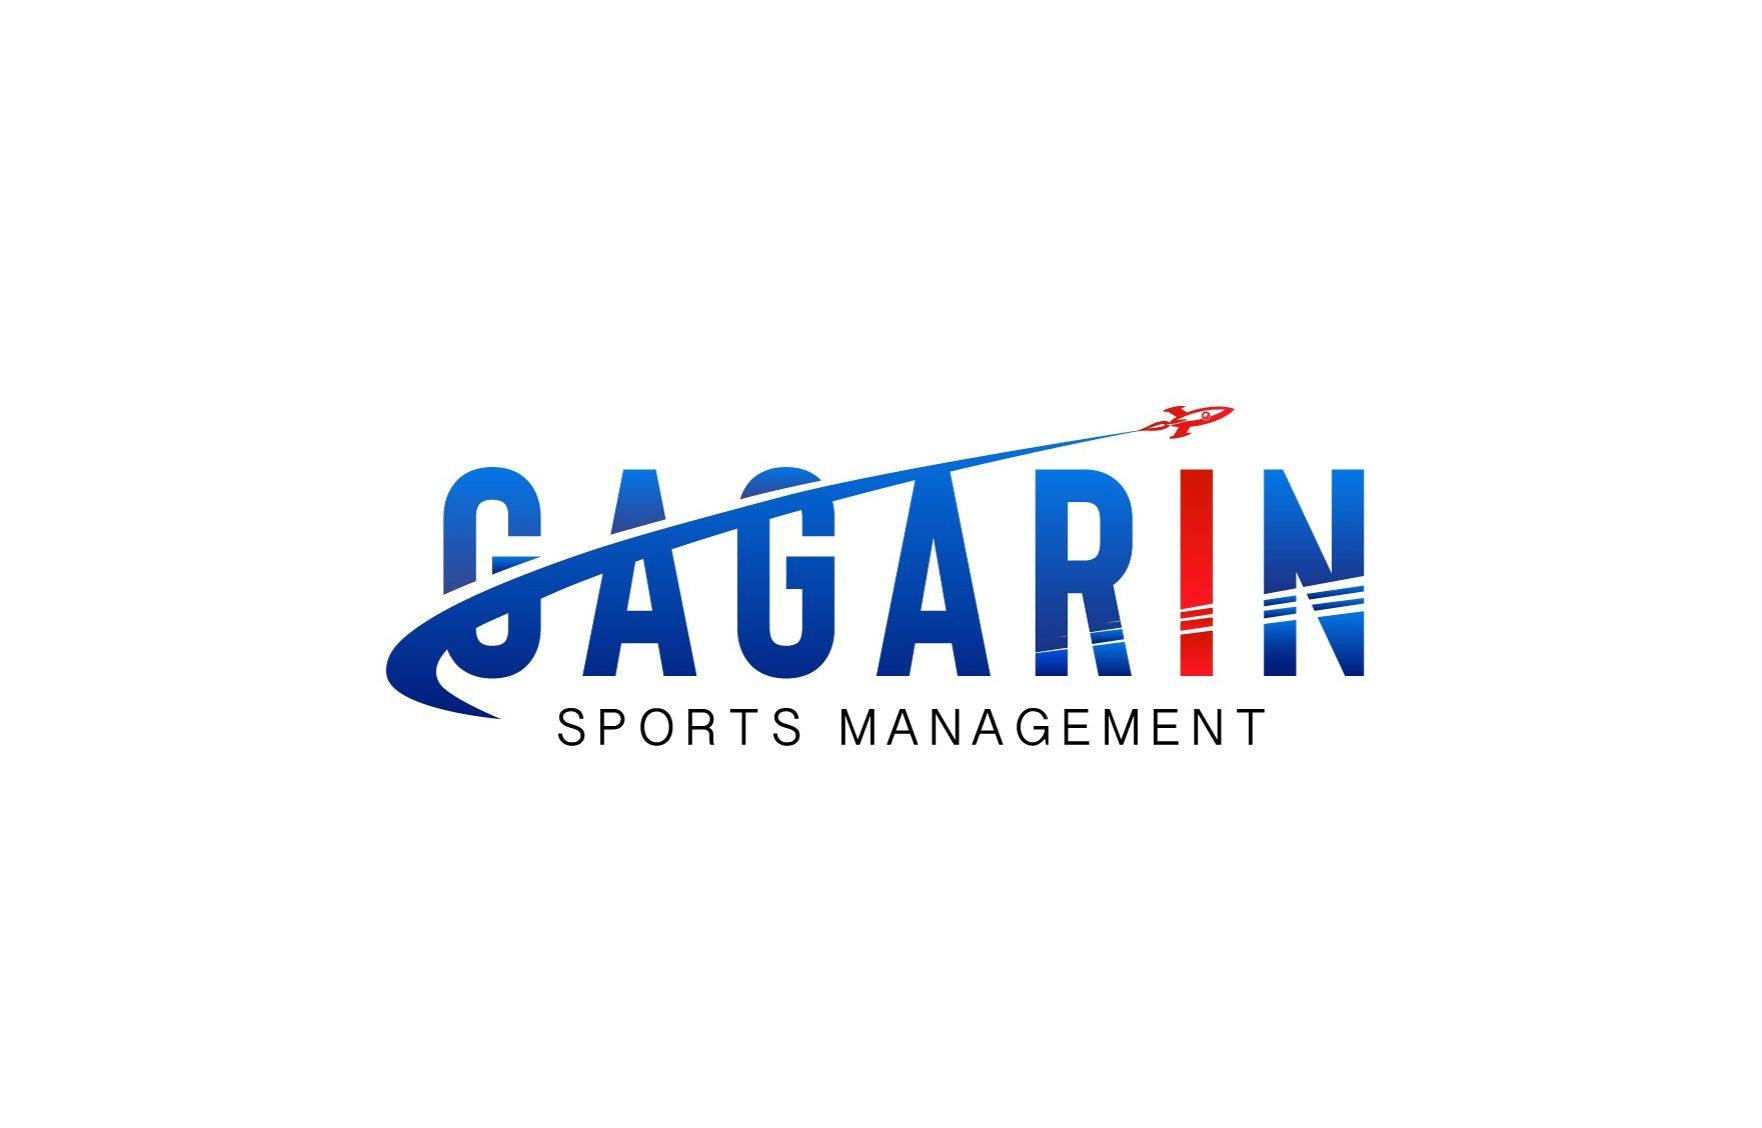 Gagarin Sports Management - организация полного цикла, которая помогает спортсменам быстро и эффектно заявить о своих талантах на весь мир